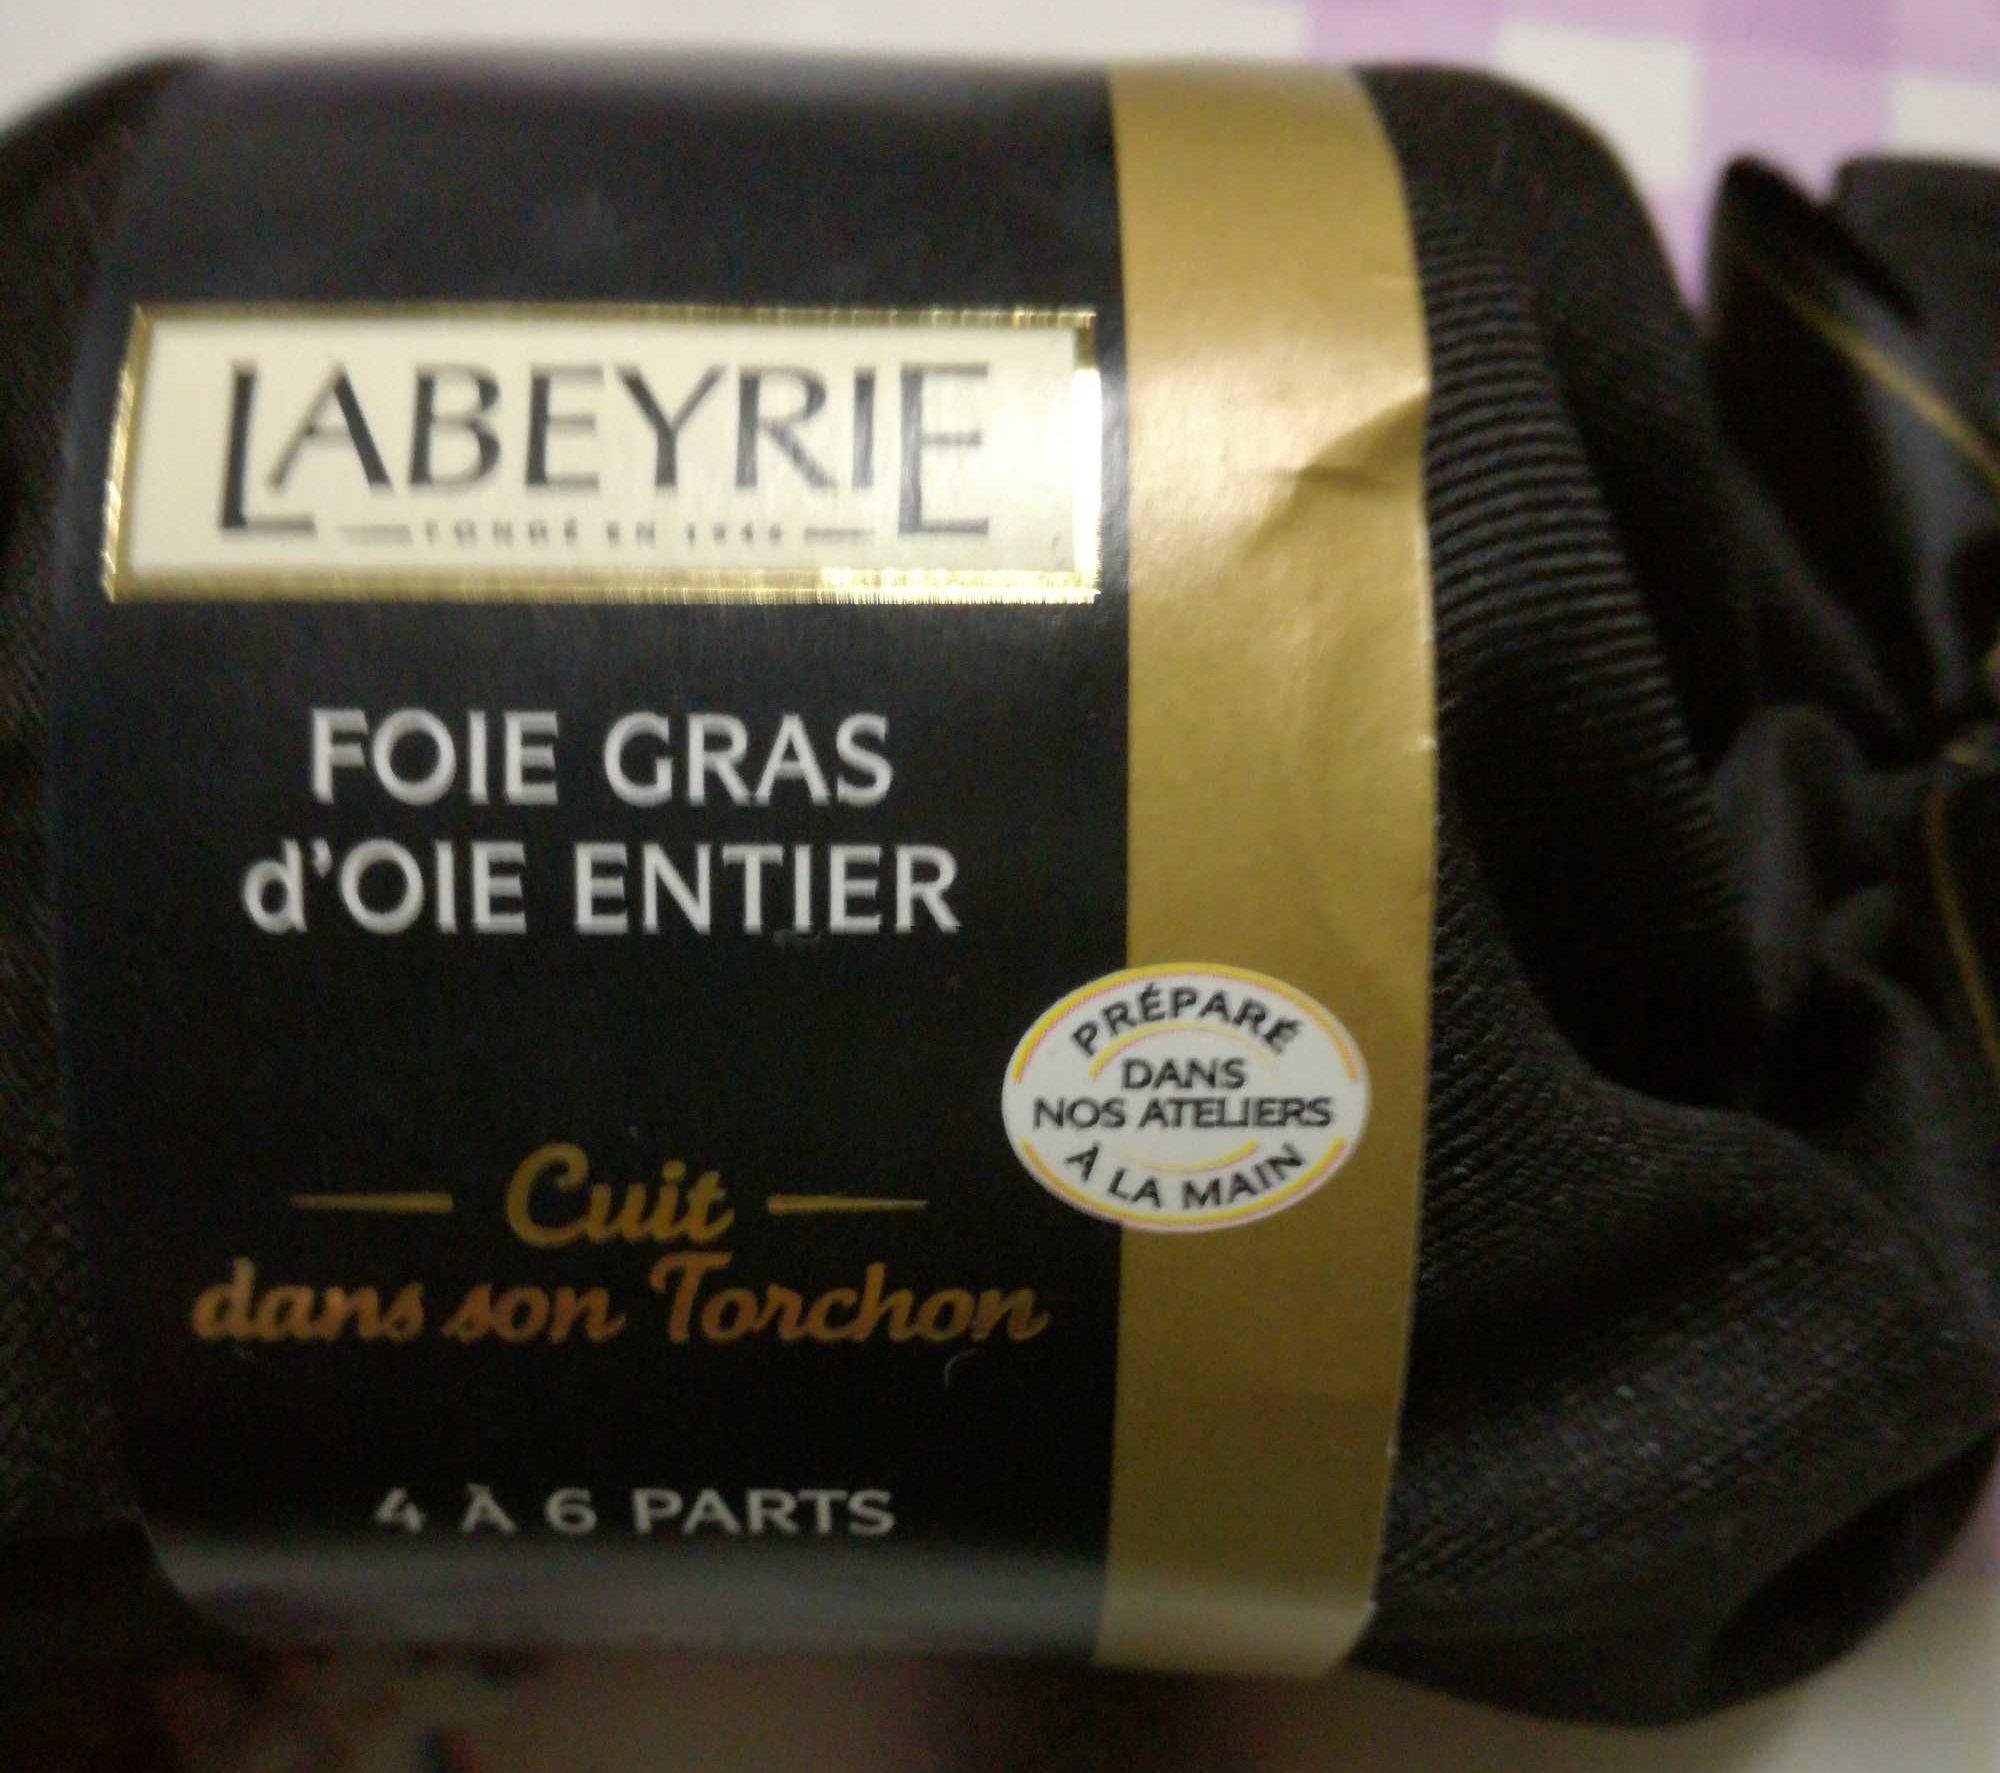 Foie Gras d'Oie Entier Cuit au Torchon - Product - fr